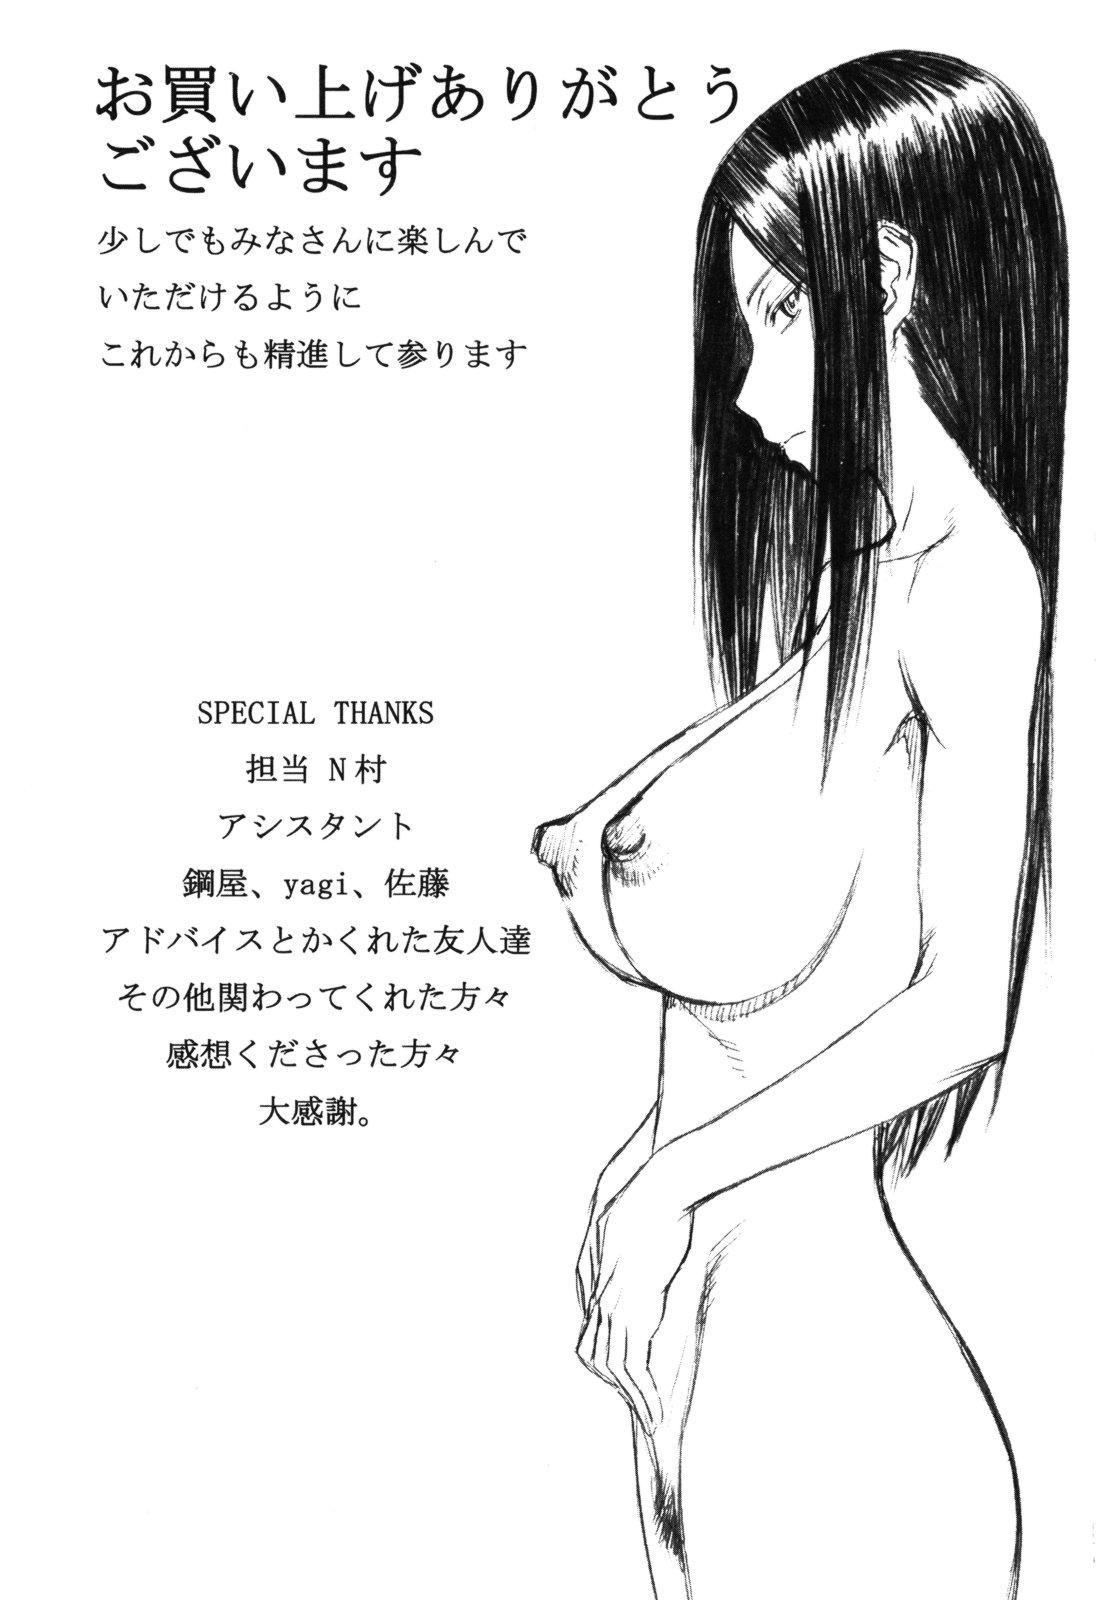 [Inomaru] Hanabira Seito Kaichou Bangaihen ~Kouchou Sensei Saikou no Ichinichi~ | Camellia - Student Council President Hanahira Side Story: Principal-sensei's Best Day Ever [English] {Rookie84} 24